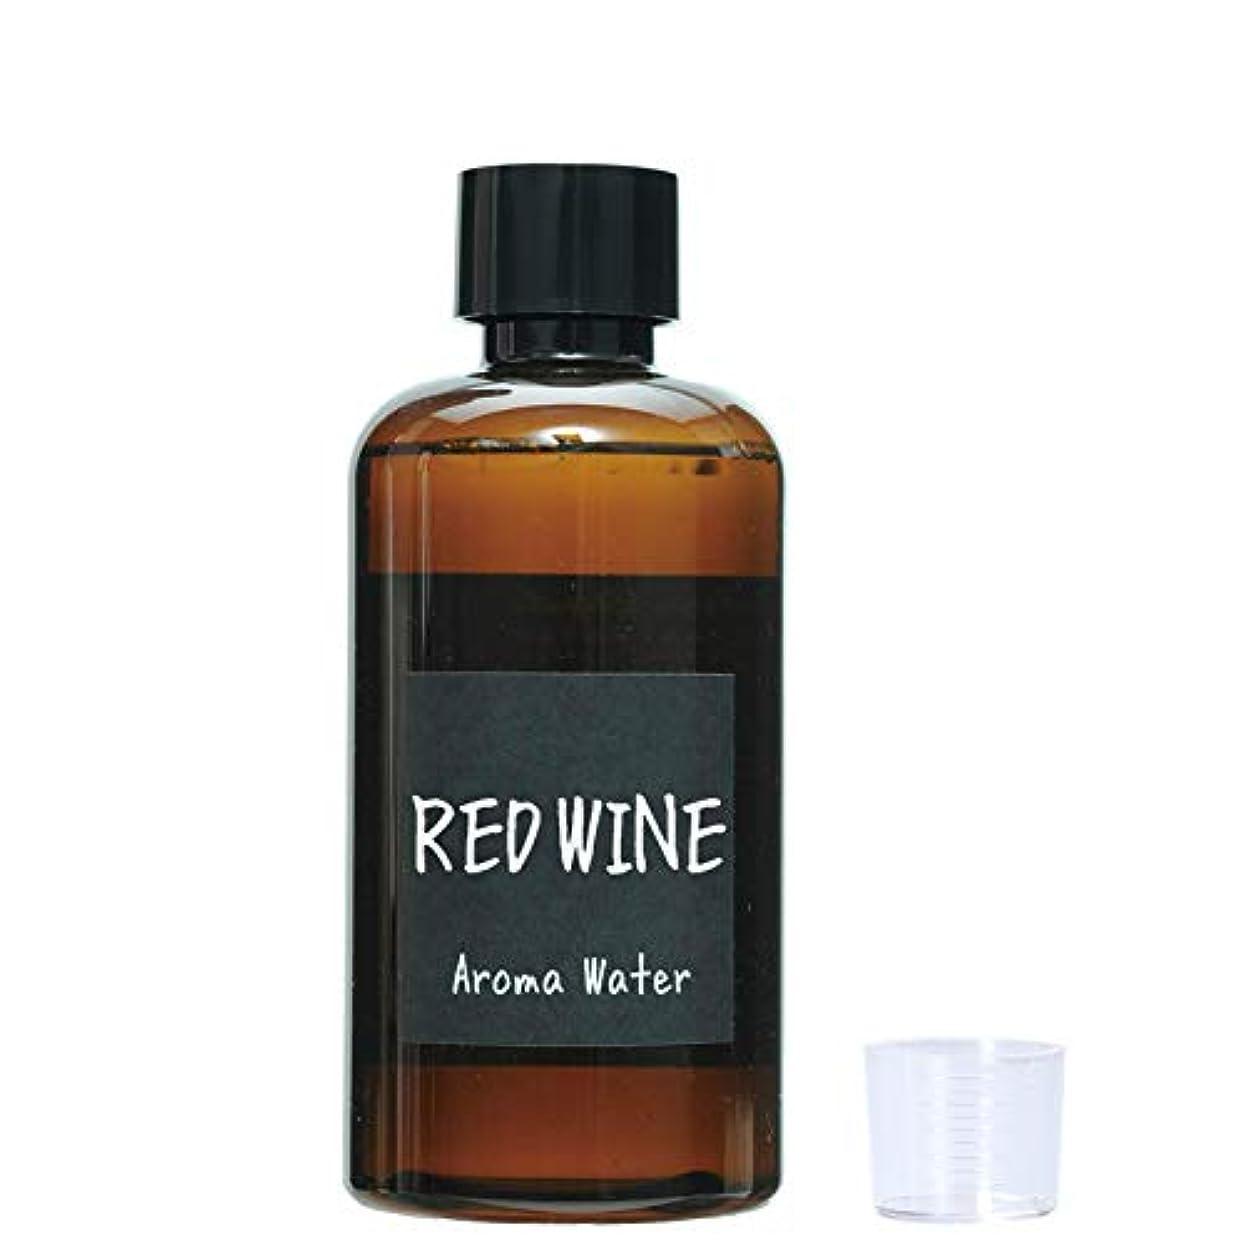 捧げる熱帯の復活【計量カップ付き】John's Blend (ジョンズブレンド) アロマウォーター 520ml レッドワイン ノルコーポレーション OAJON2305 加湿器用